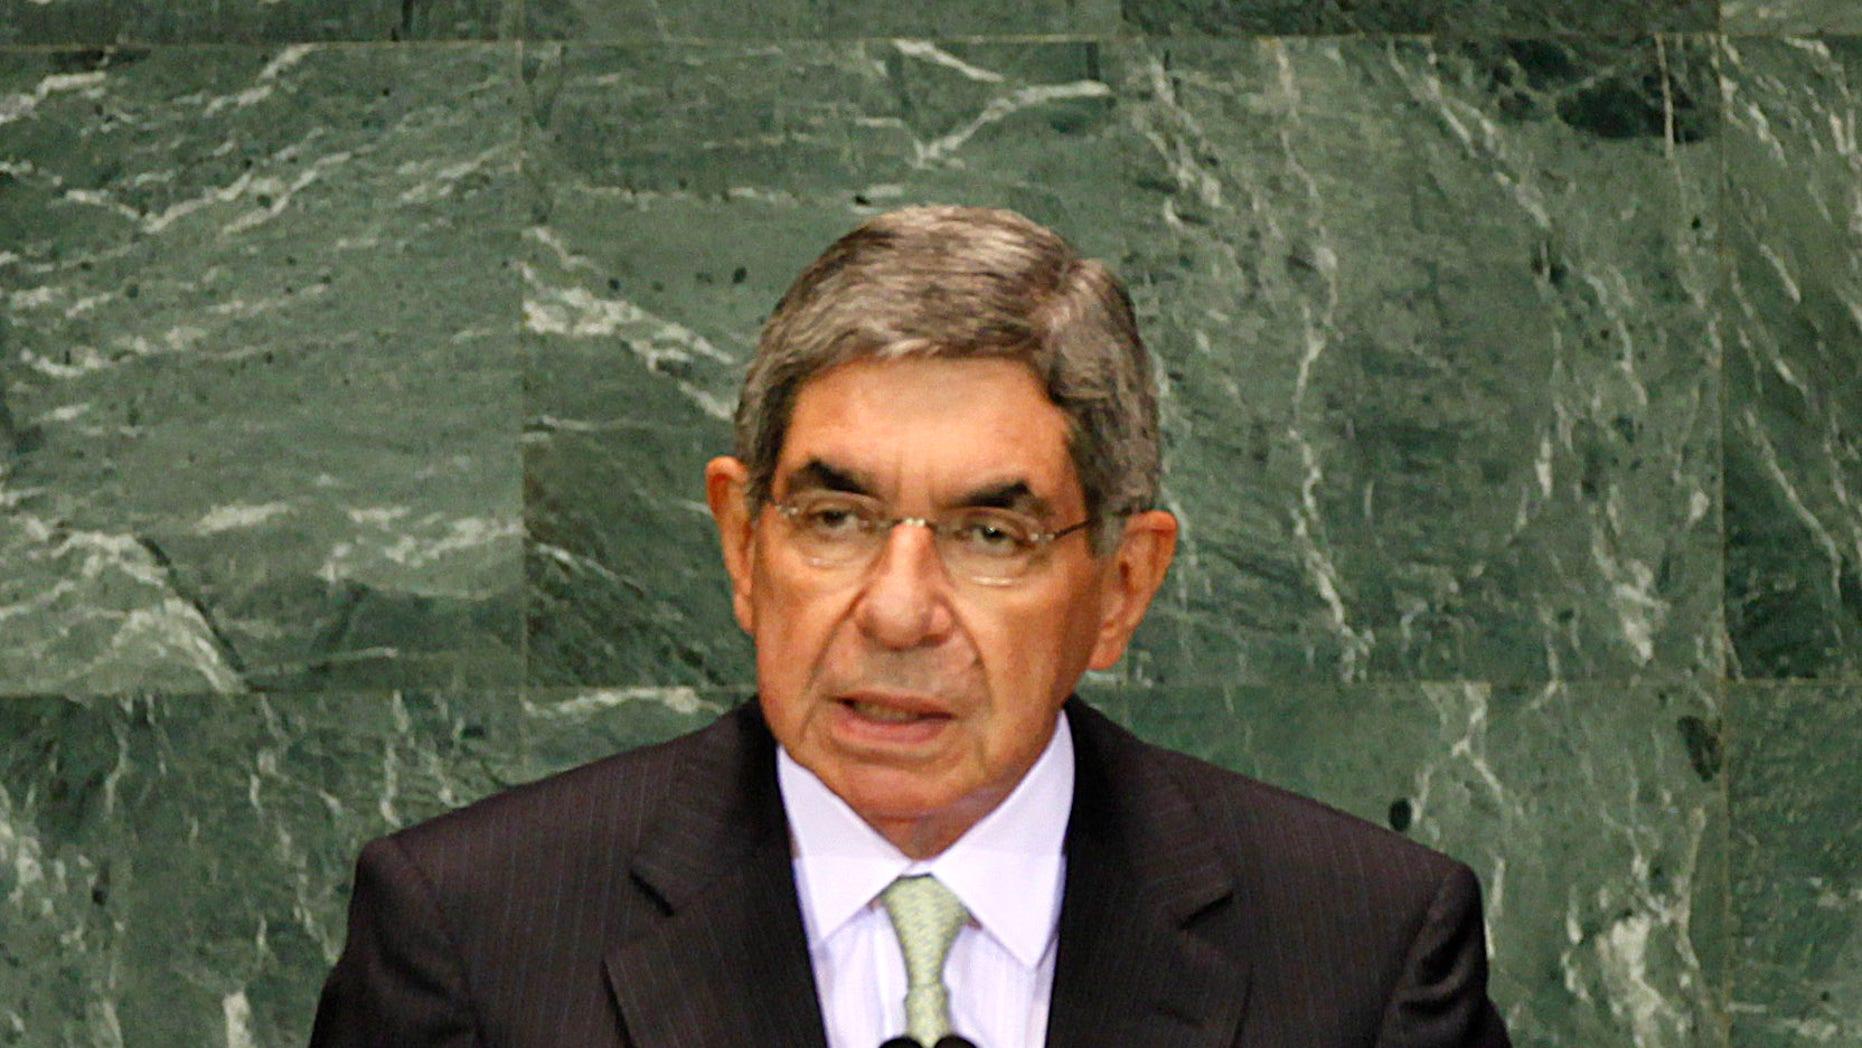 Costa Rica ex-President Óscar Arias faces sex claim